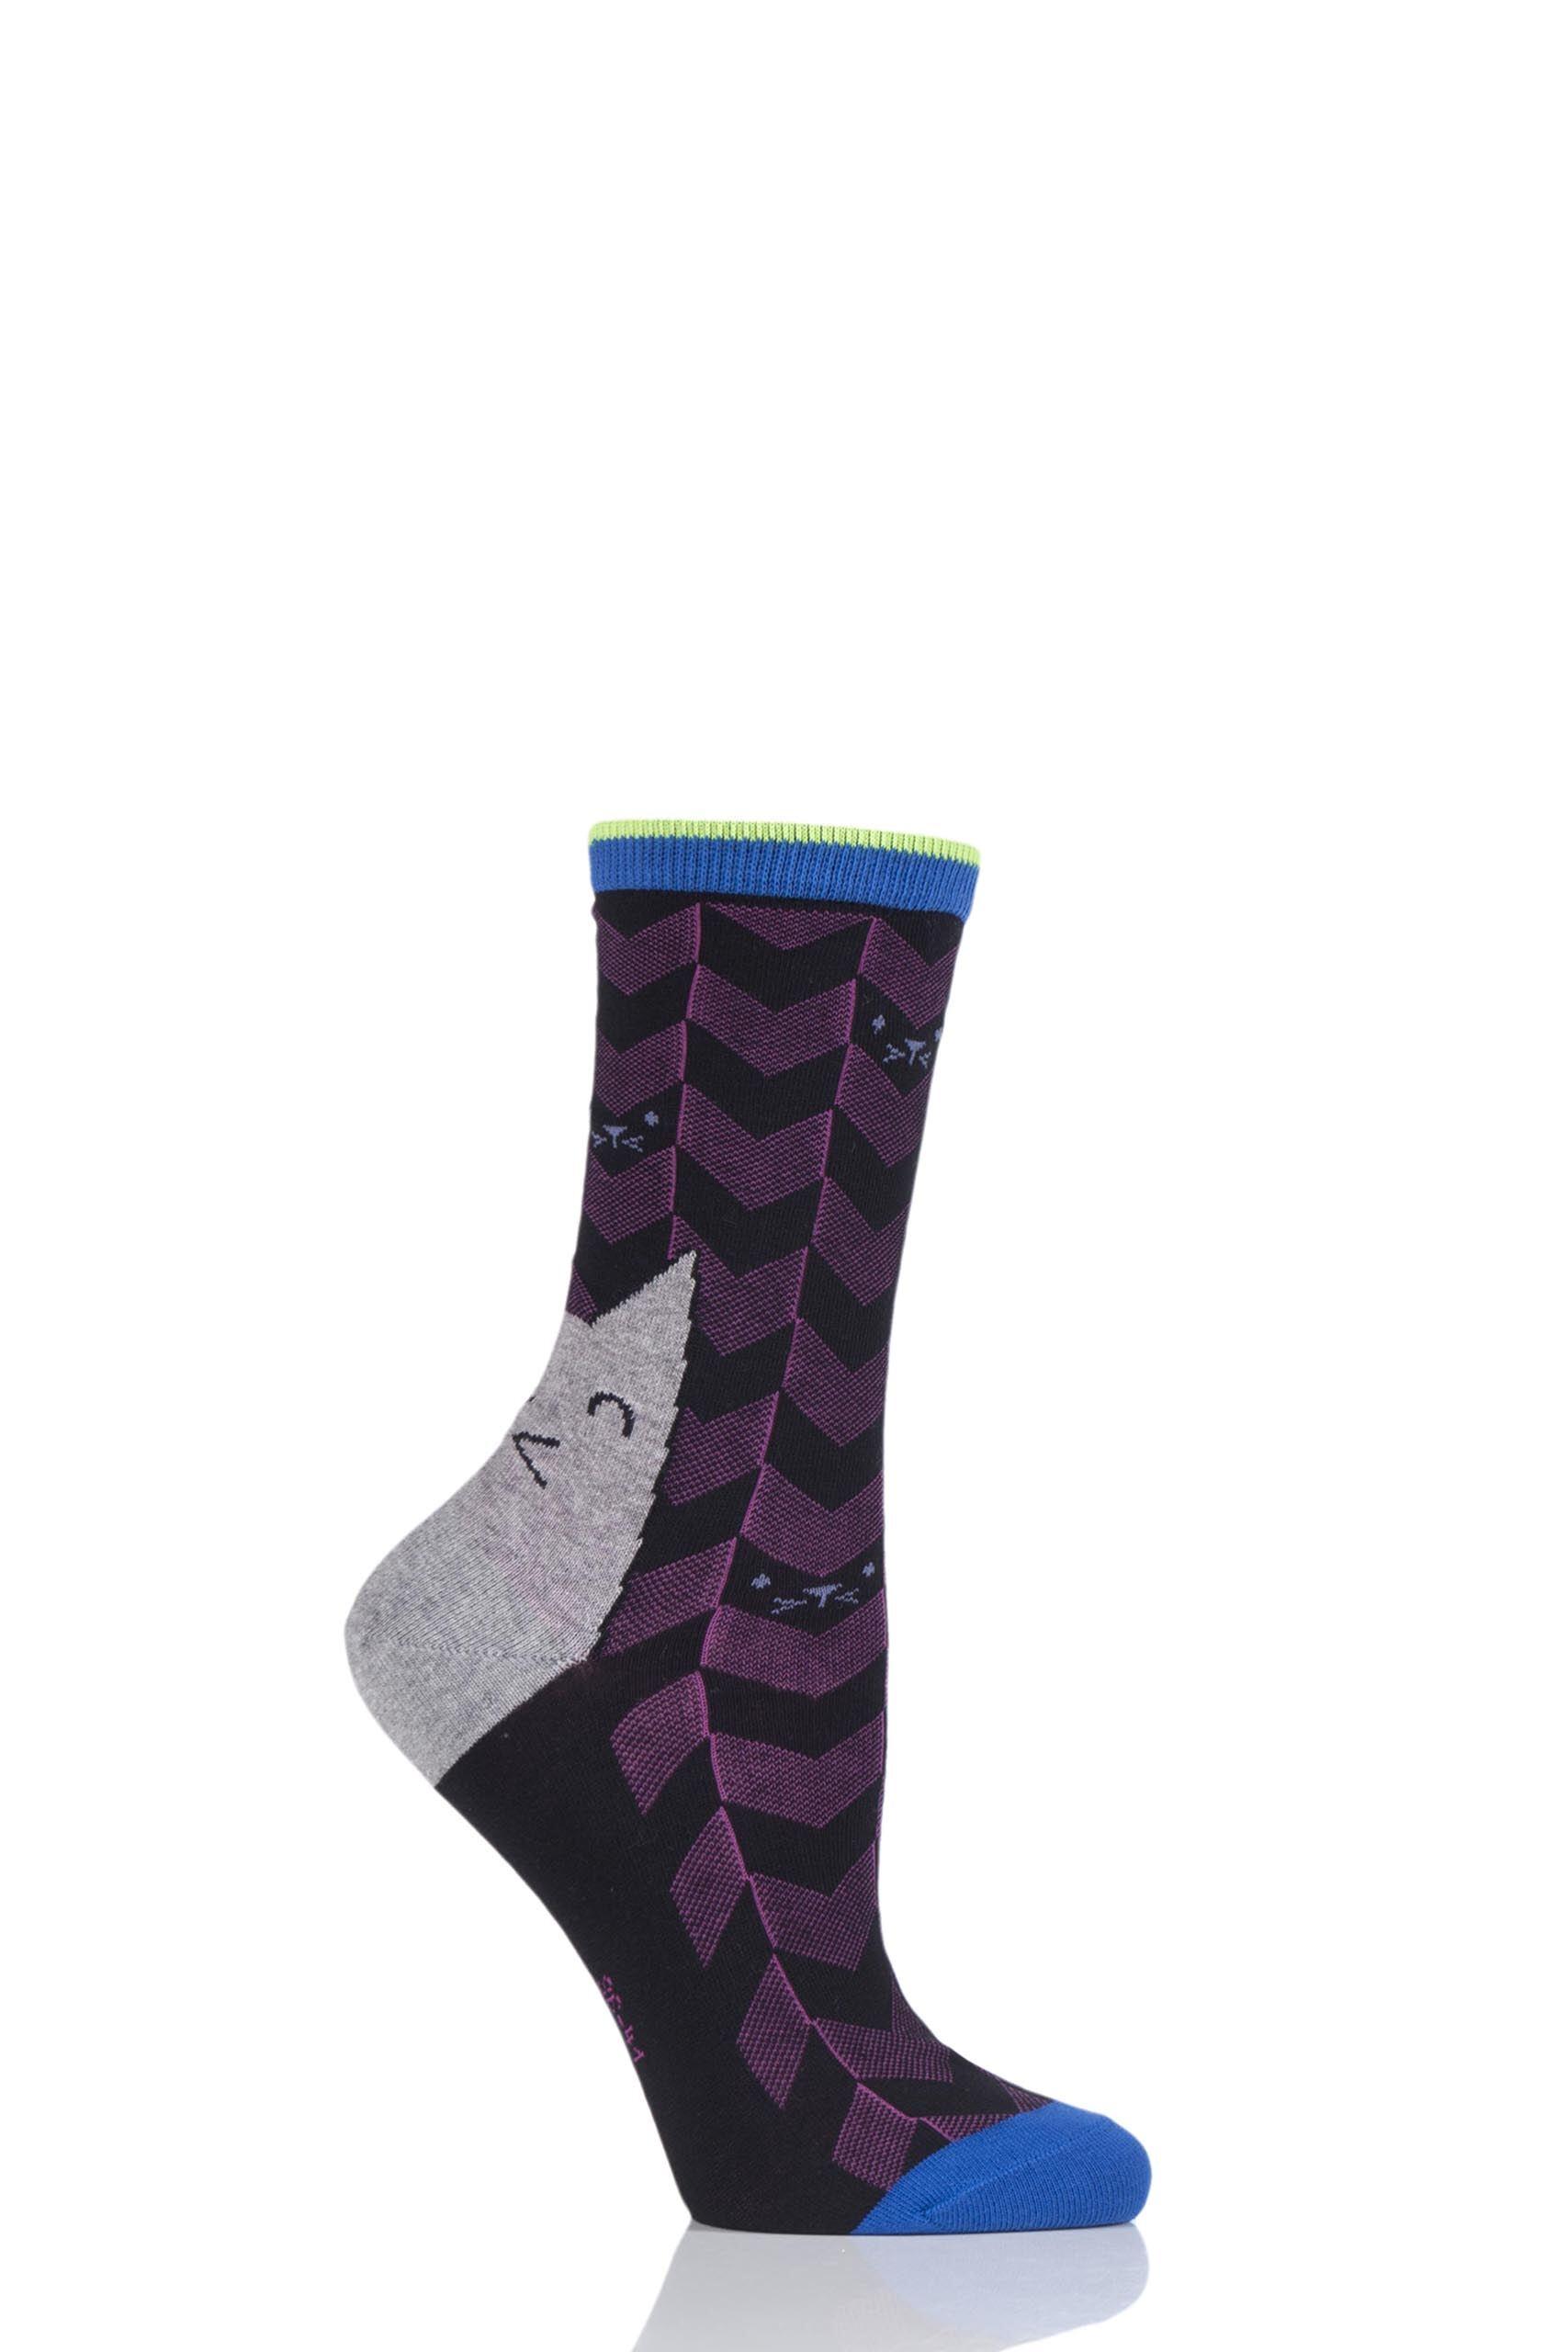 Image of 1 Pair Black Cat Face Cotton Socks Ladies 3.5-7 Ladies - Burlington